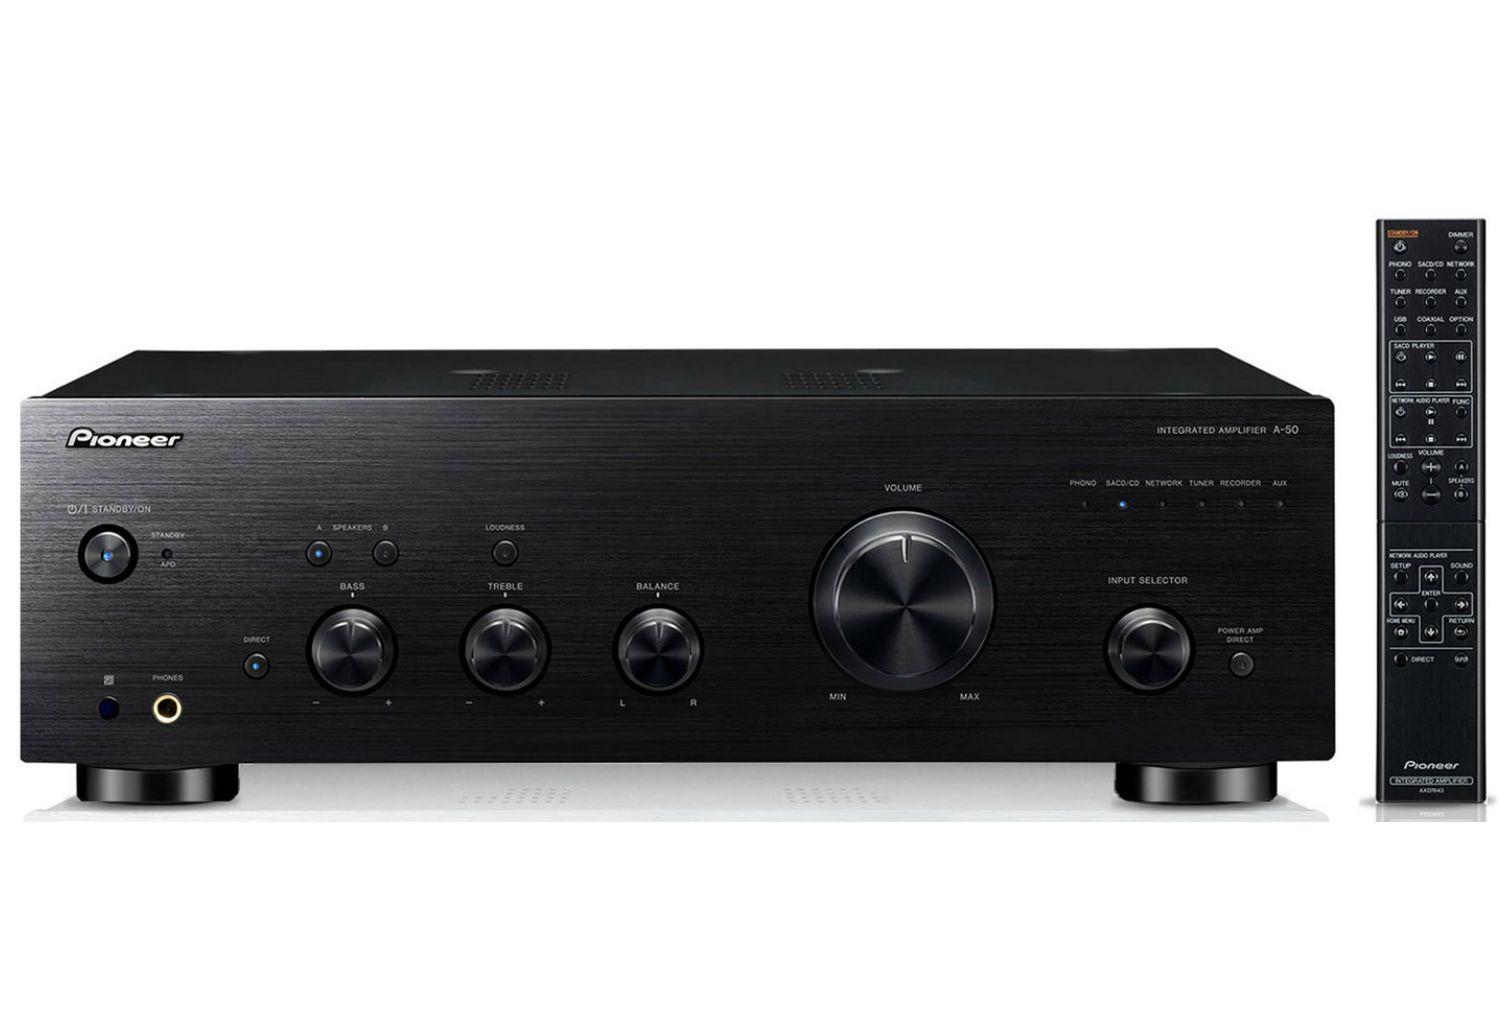 Powieksz do pelnego rozmiaru pionier, pioneer, pionner, pionneer,  wzmacniacz stereo zintegrowany wzmacniacz, wzmacniacz audio, pure audio, pureaudio a50, a-50, a 50